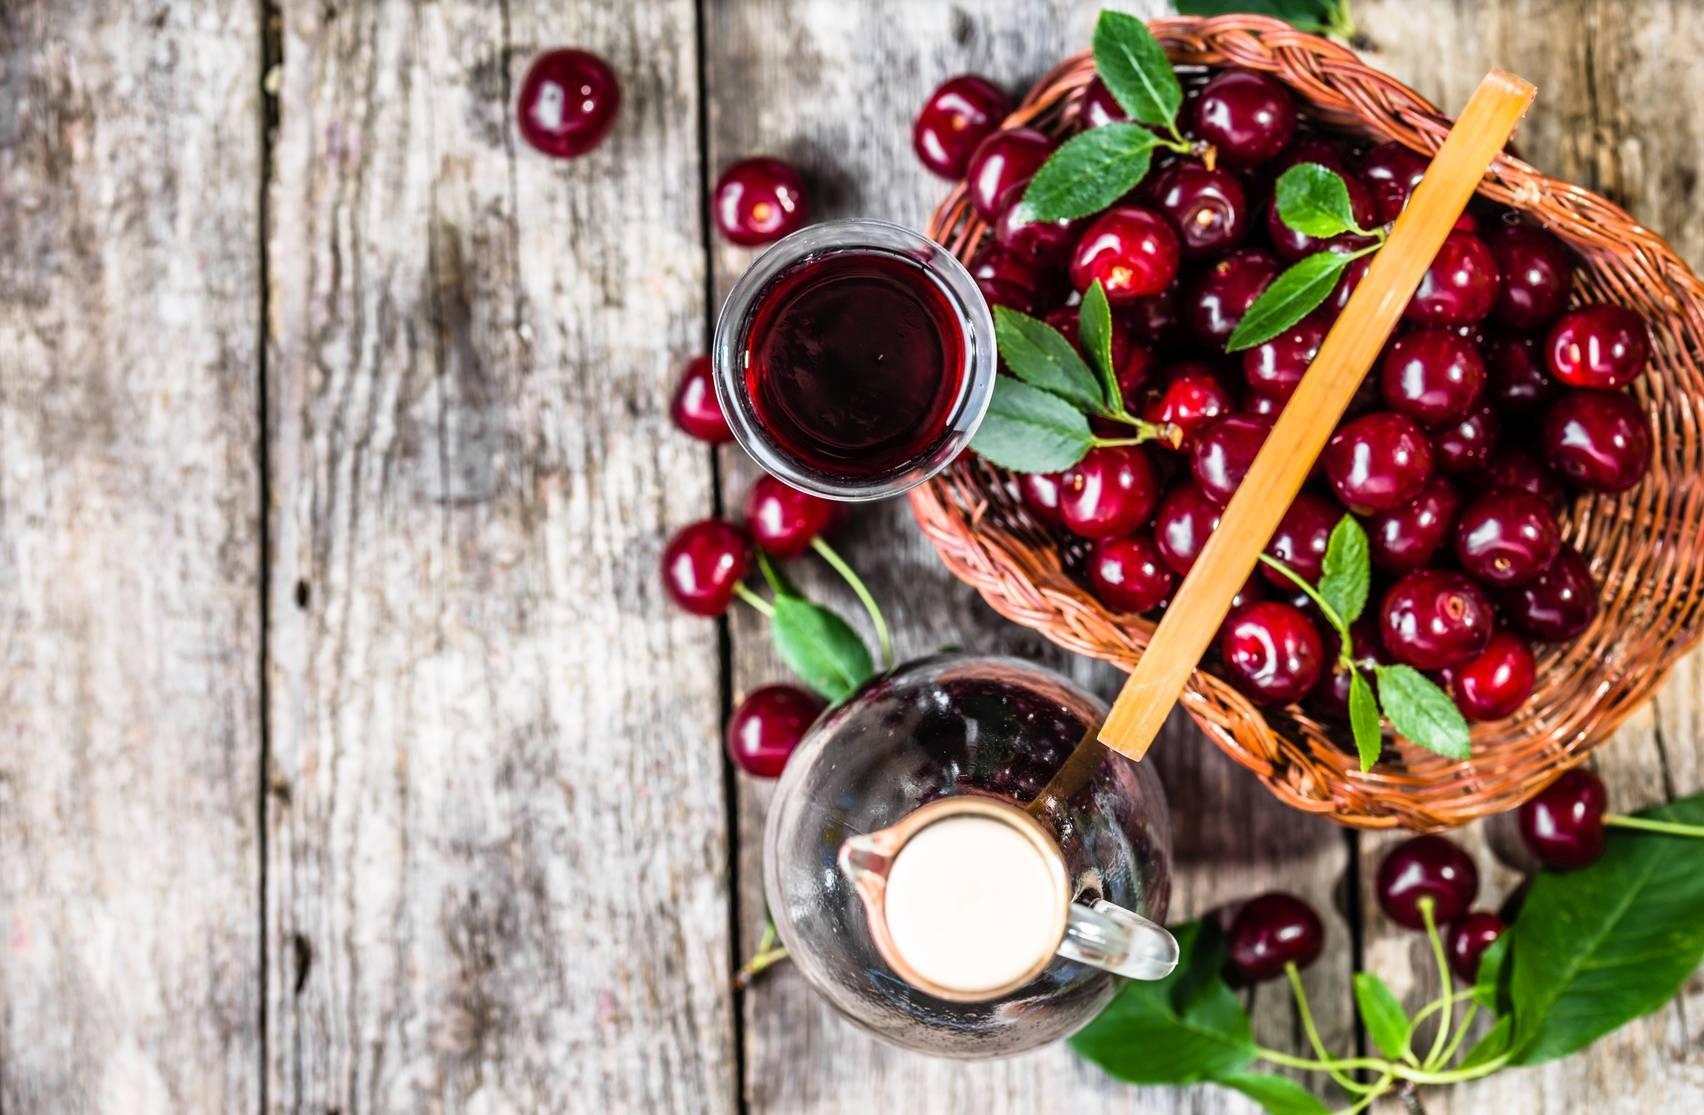 Lecznicze nalewki: wiśniówka. Na rustykalnym stole stoi butelka wiśniówki, obok stoi kieliszek z nalewką i kosz wiklinowy pełen wiśni.